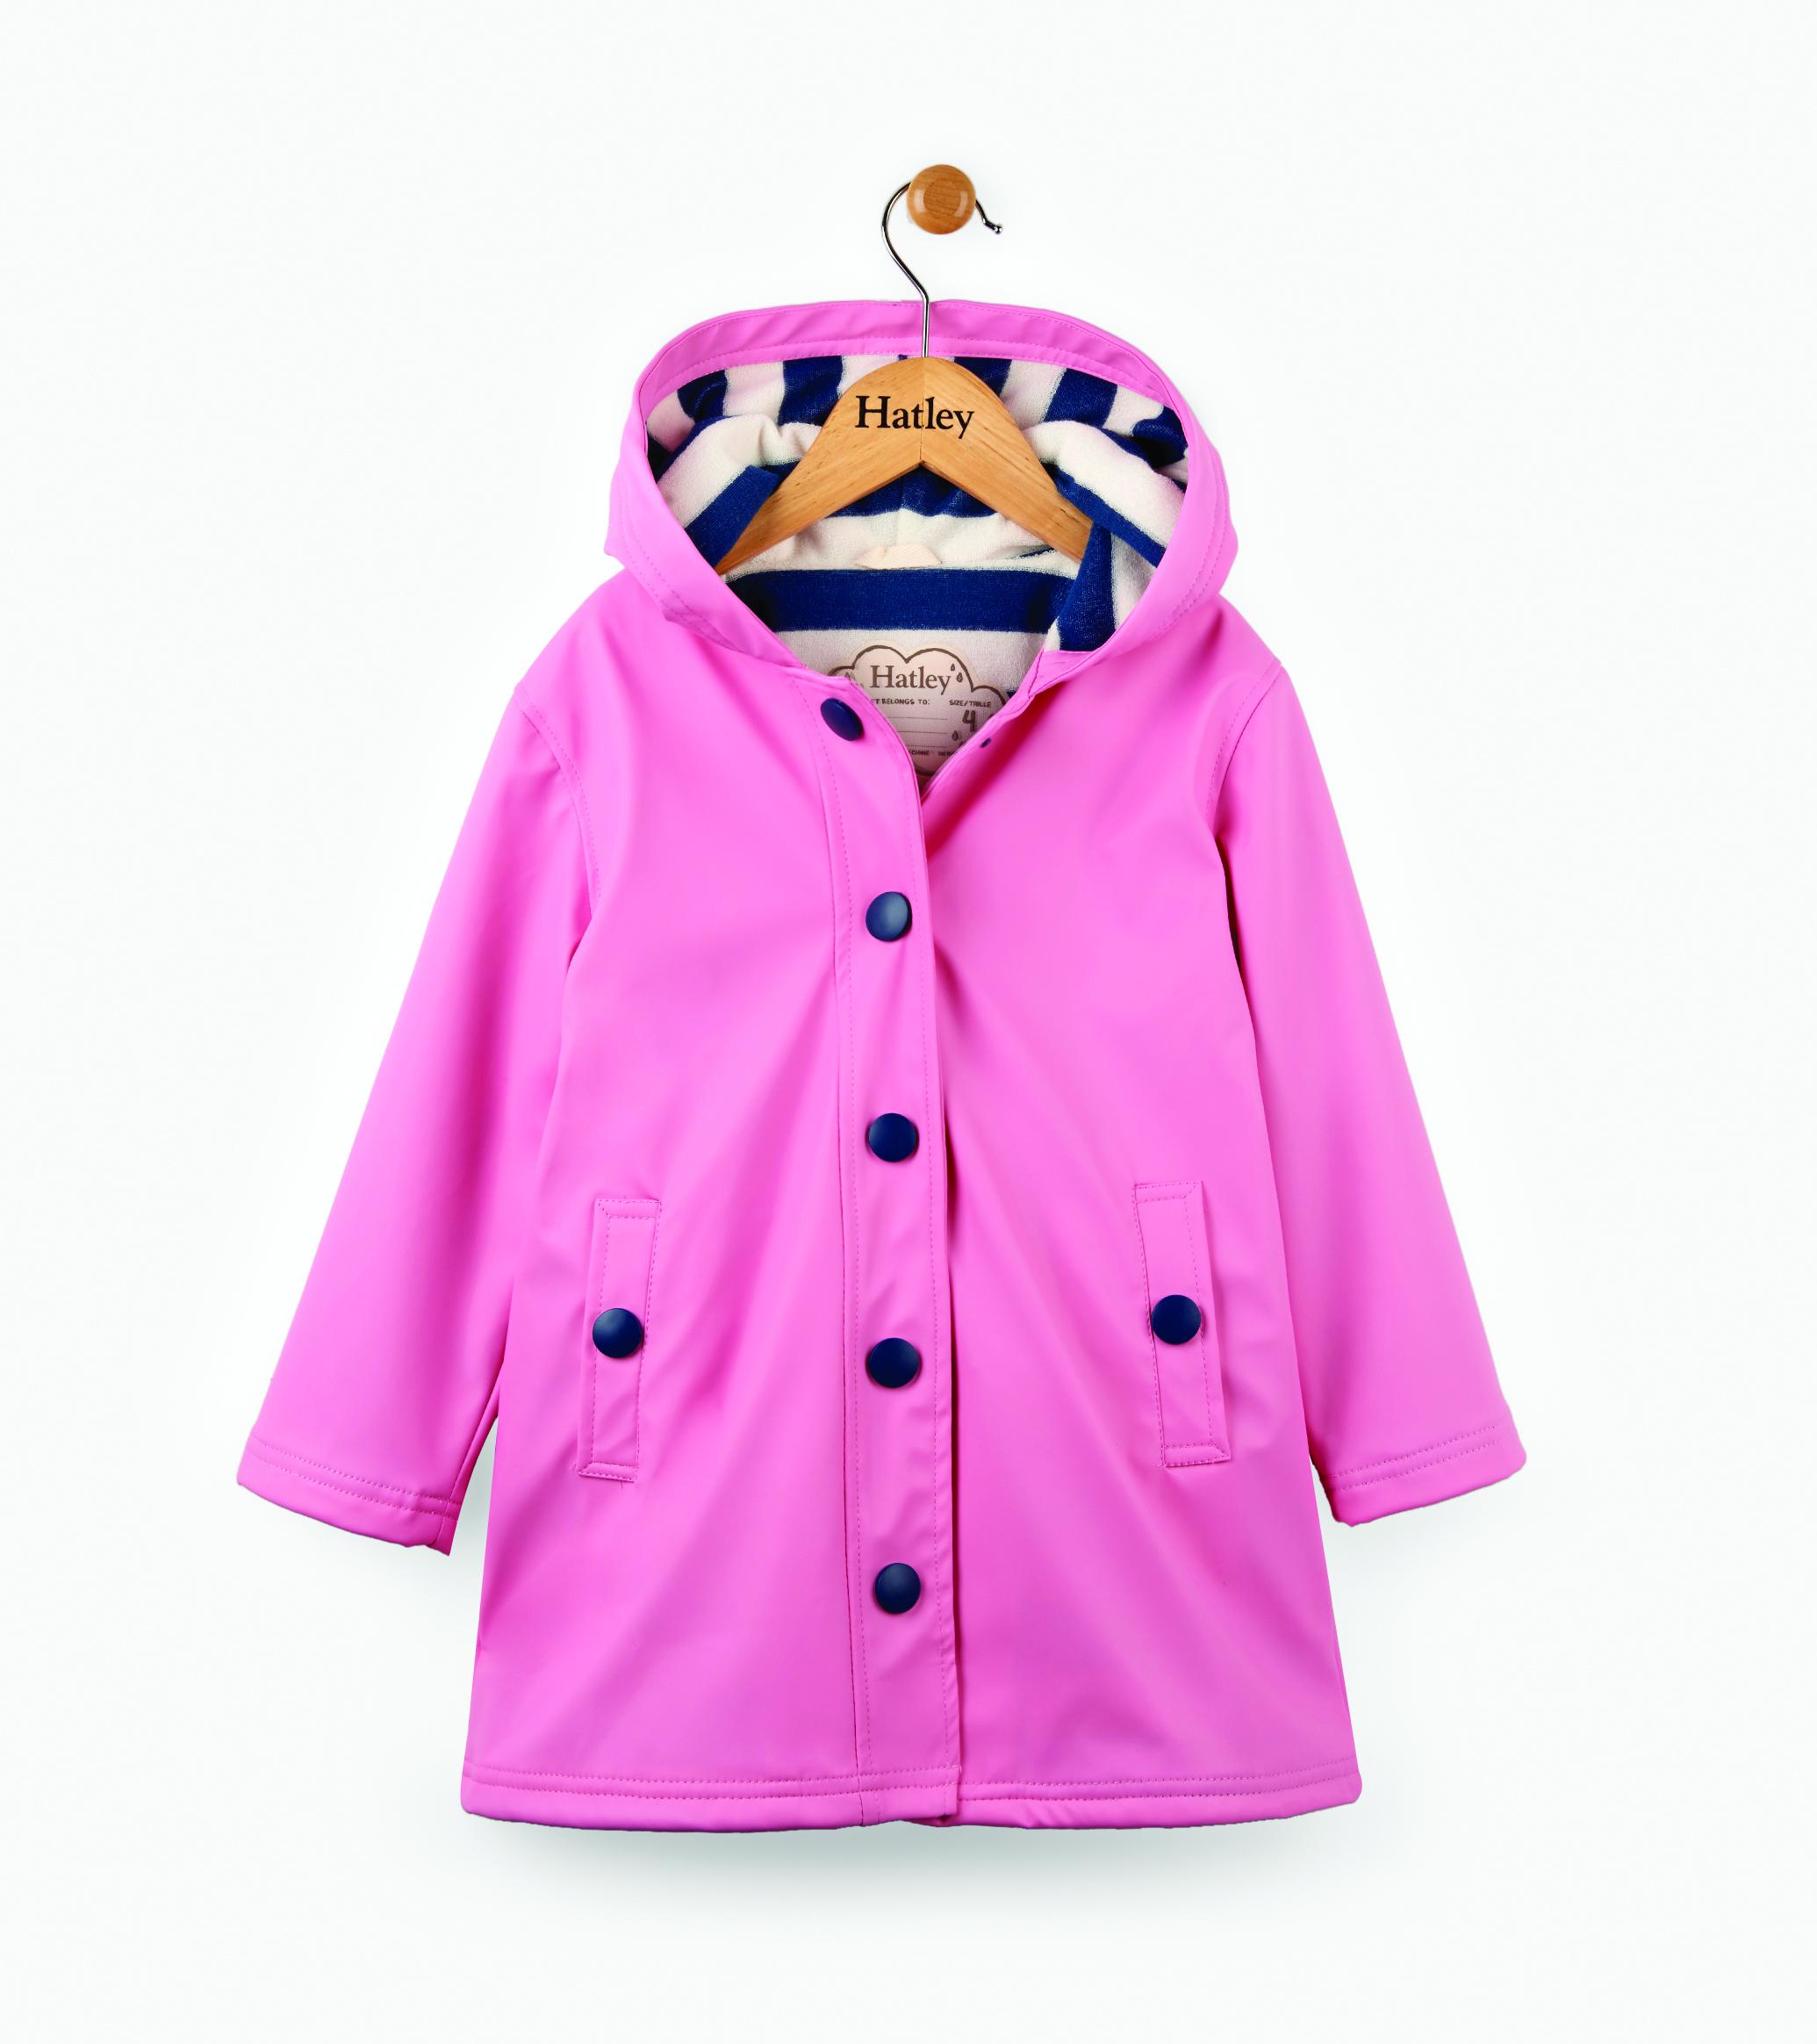 Hatley Girls Splash Jacket-Navy Rain